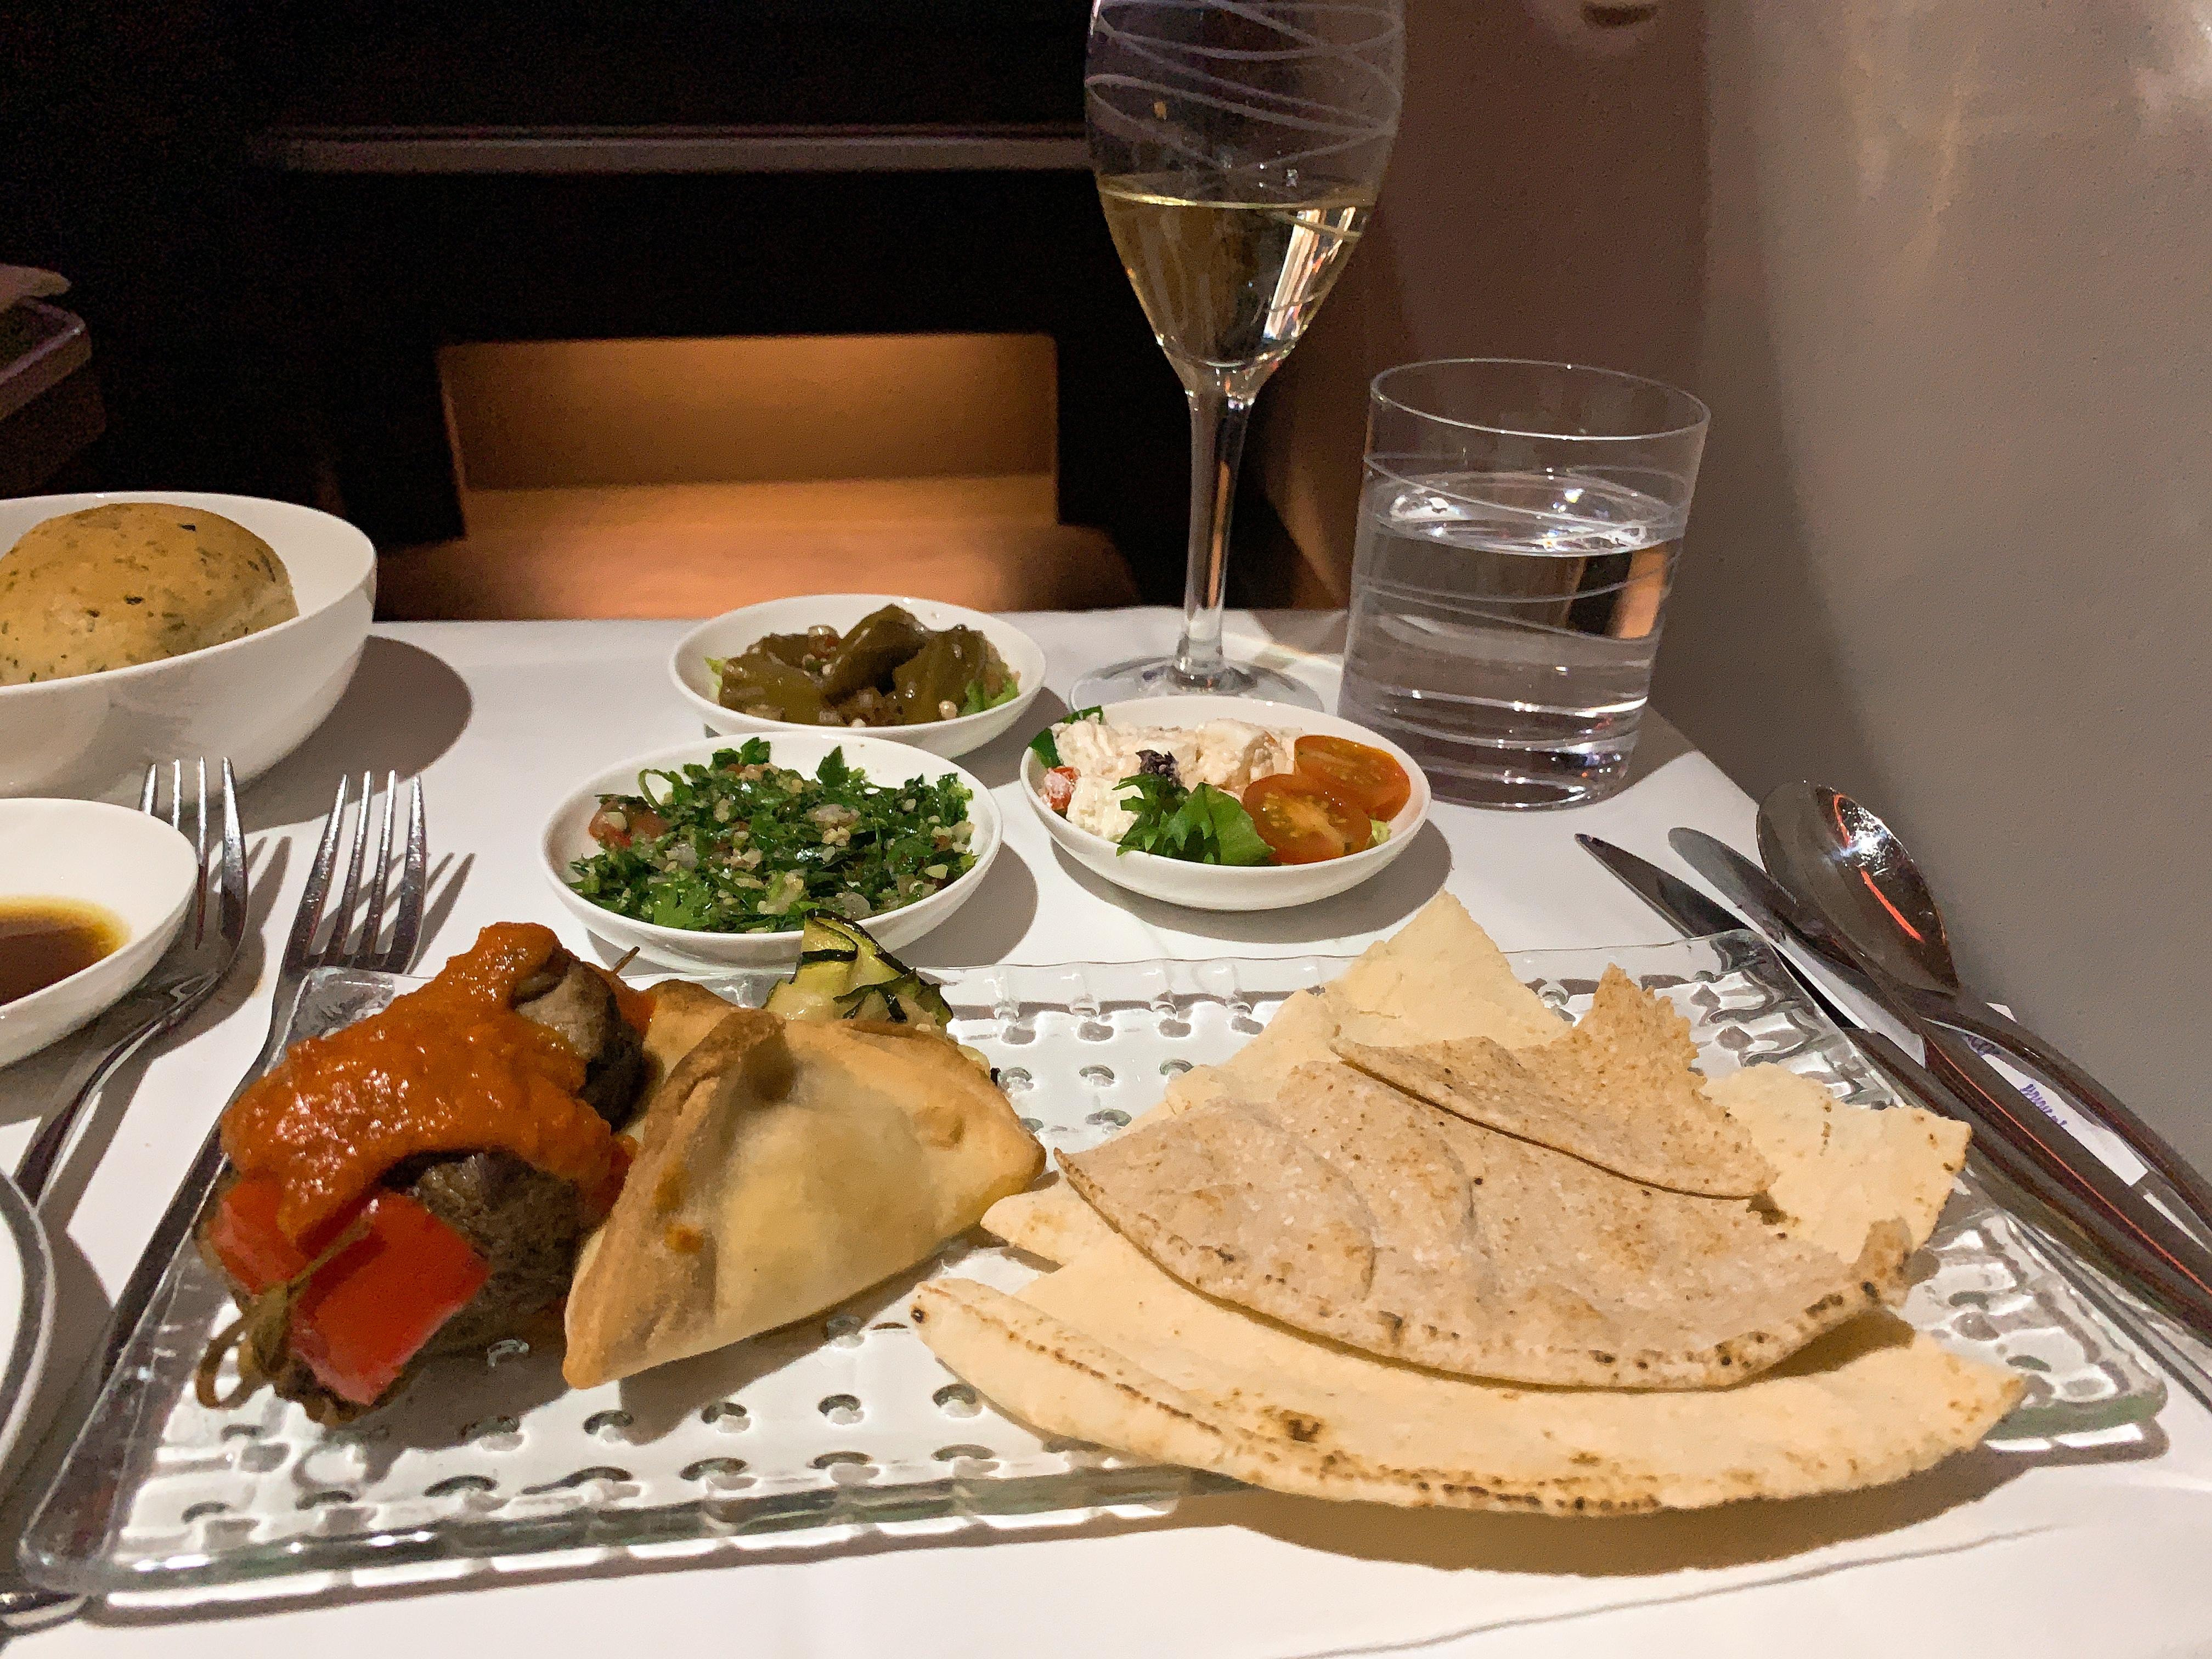 Oman Air A330 business class review- as good as Qatar